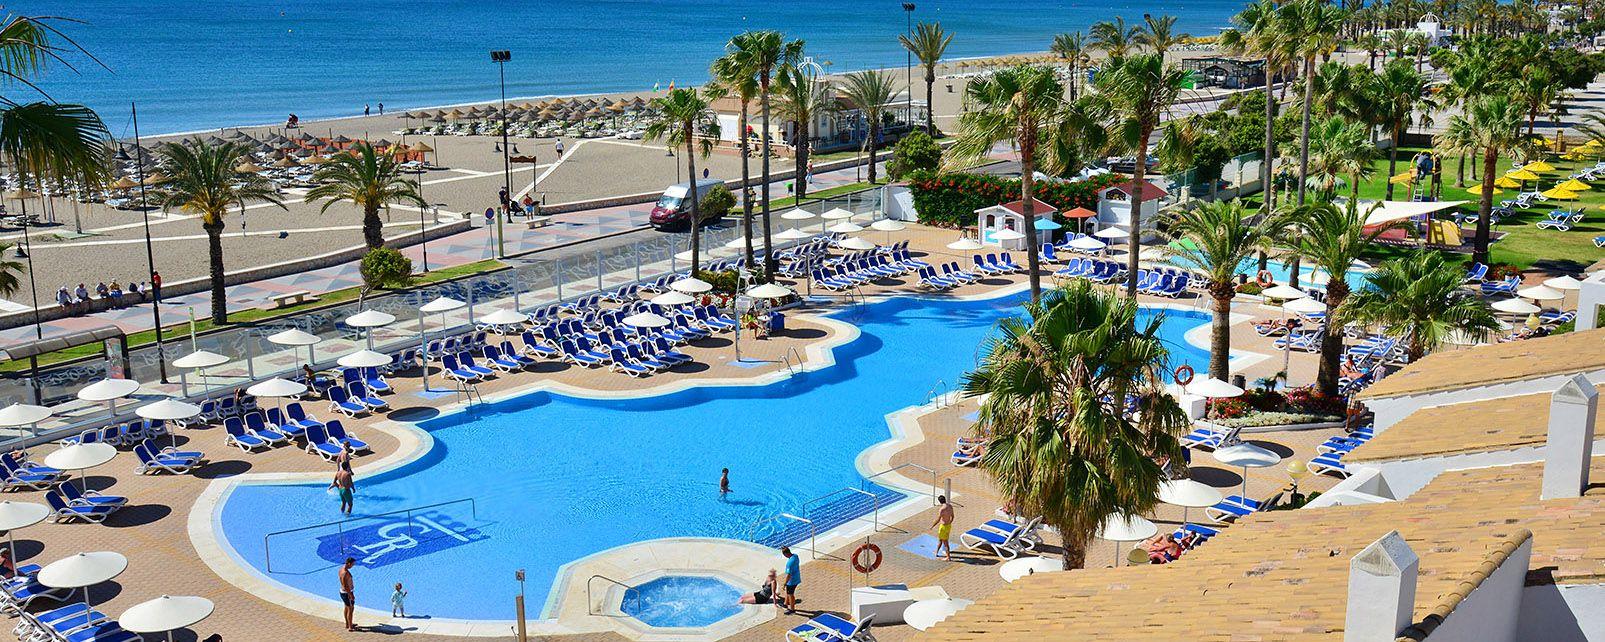 Club Marmara Costa del Sol